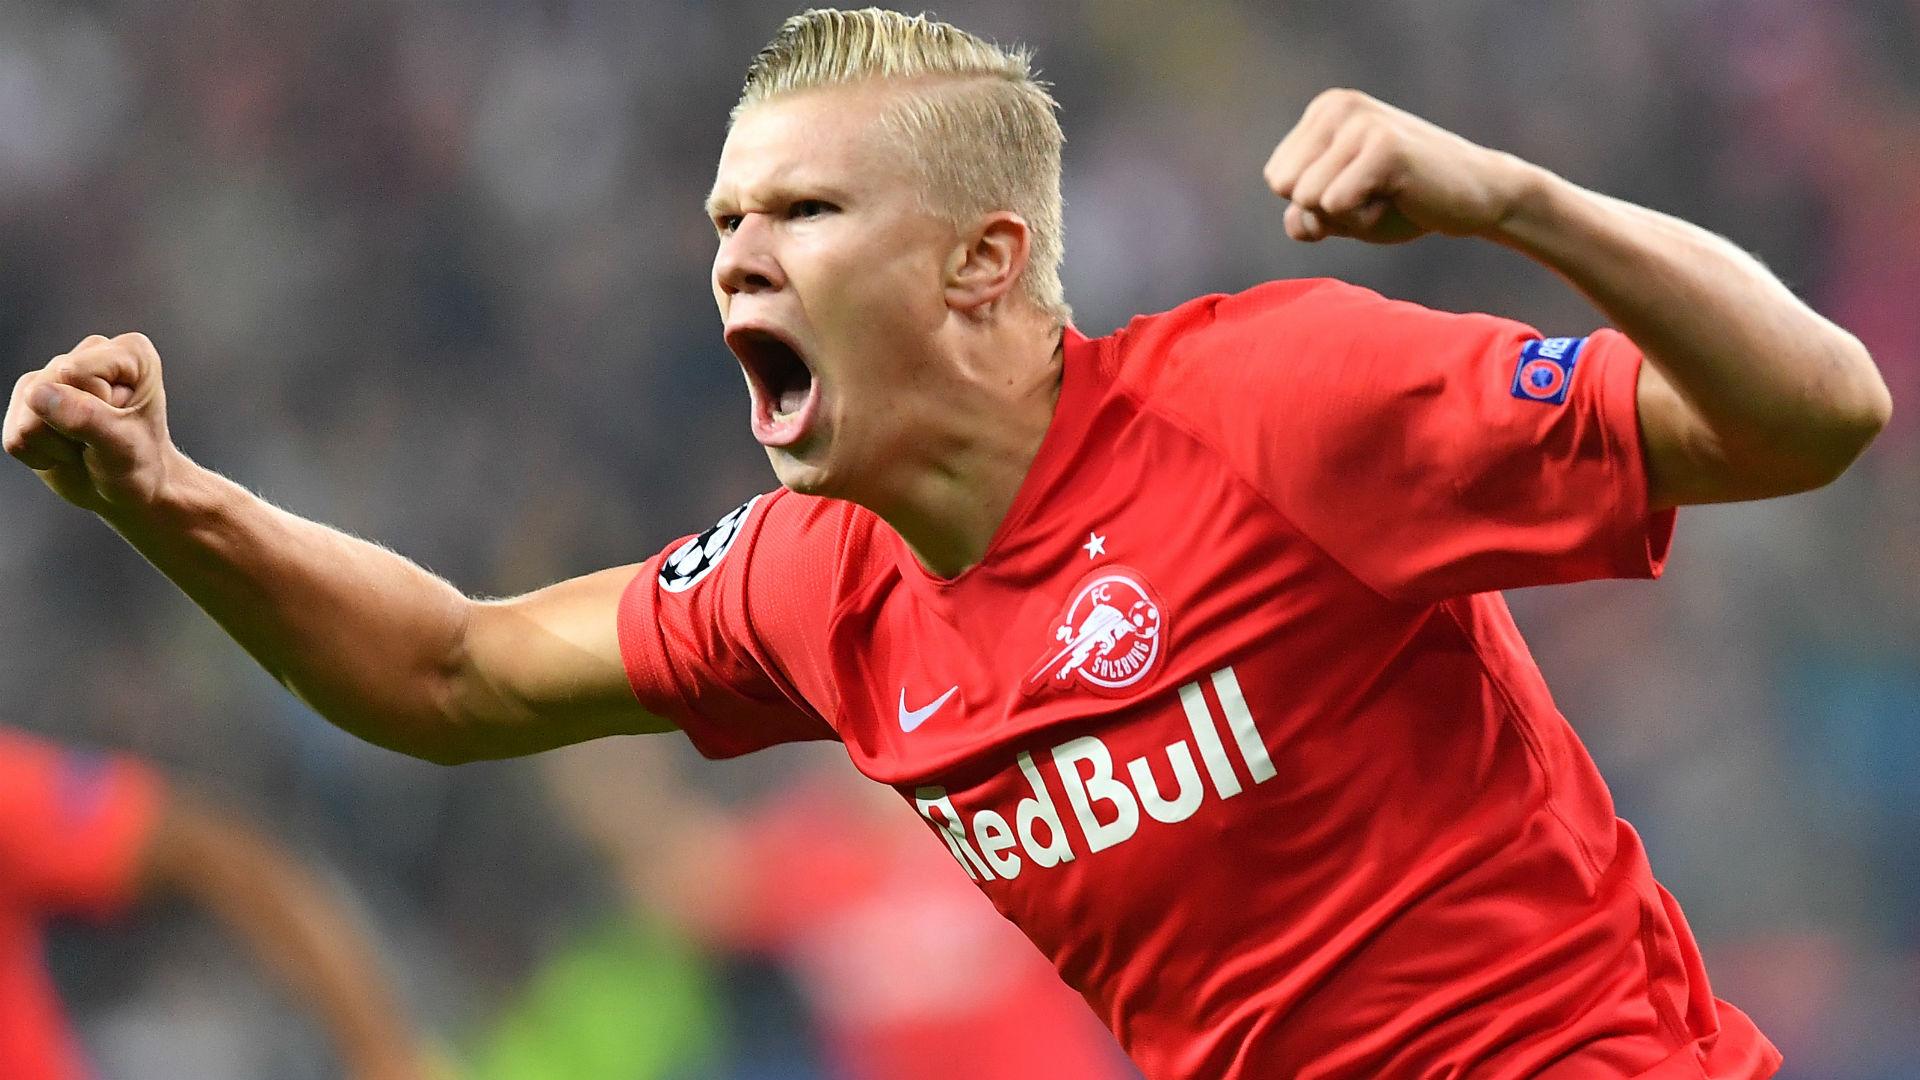 Erling Haaland: RB Salzburg wonderkid breaks Kylian Mbappe and Raul